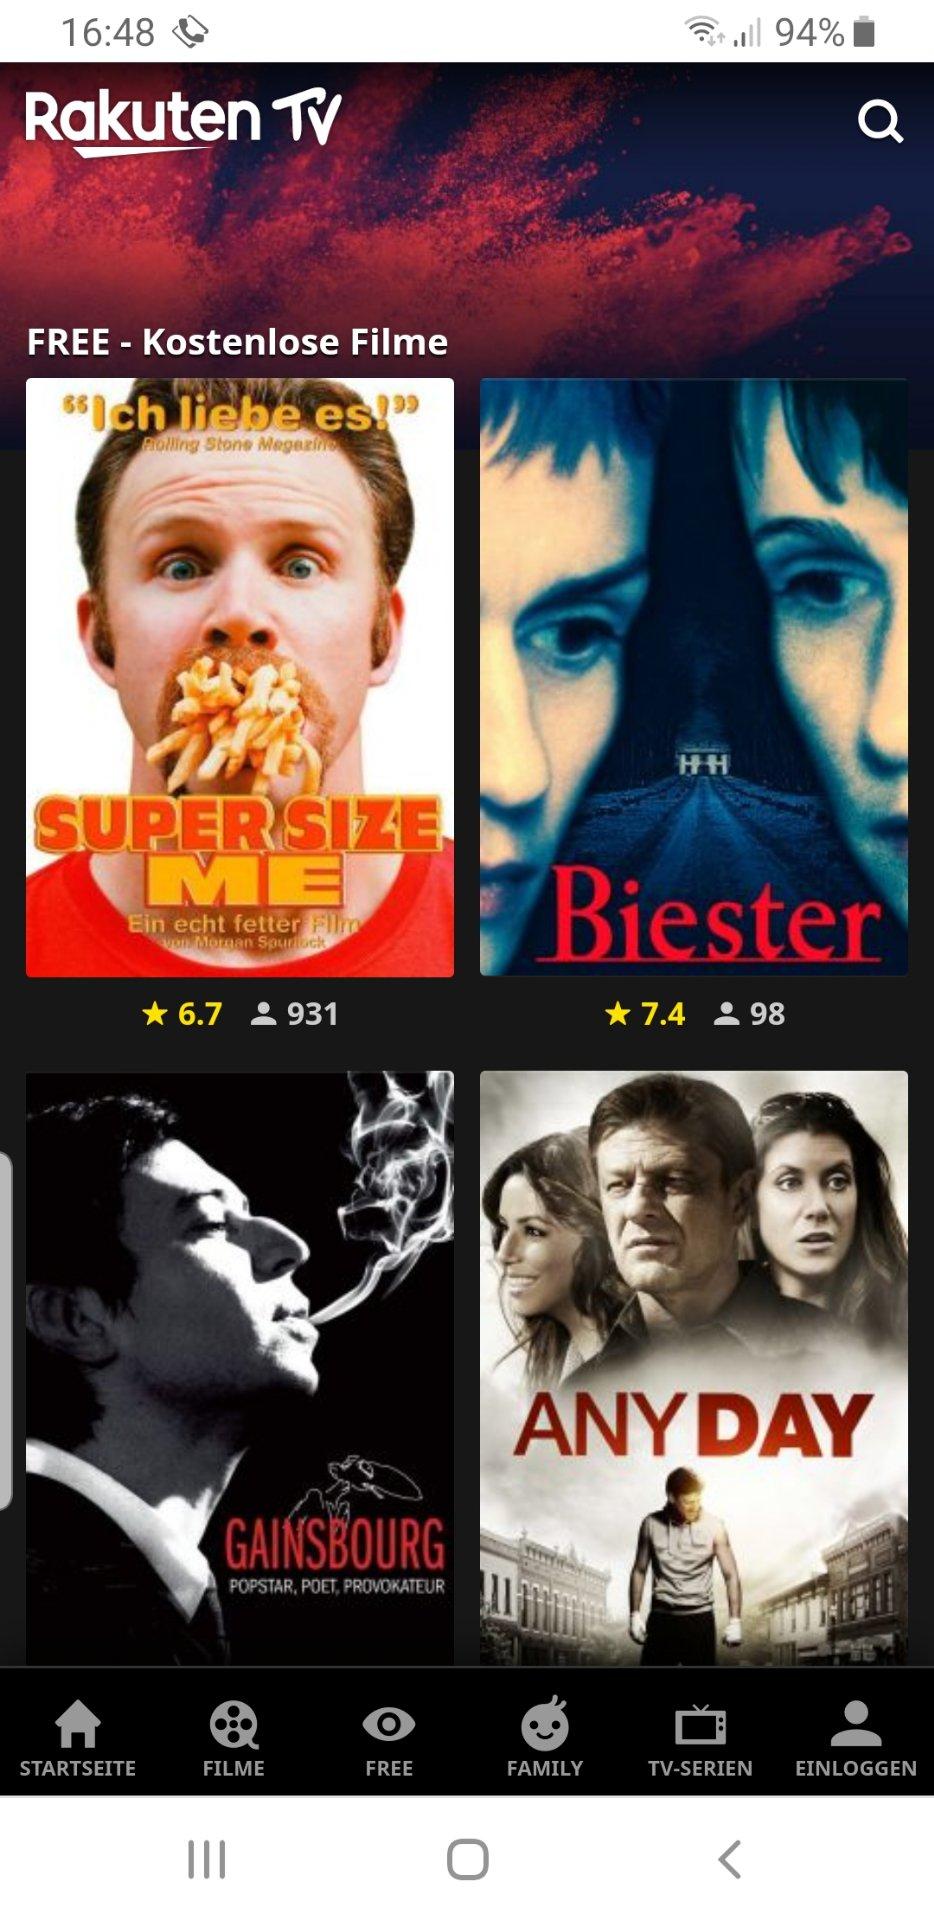 Kostenlosexfilme